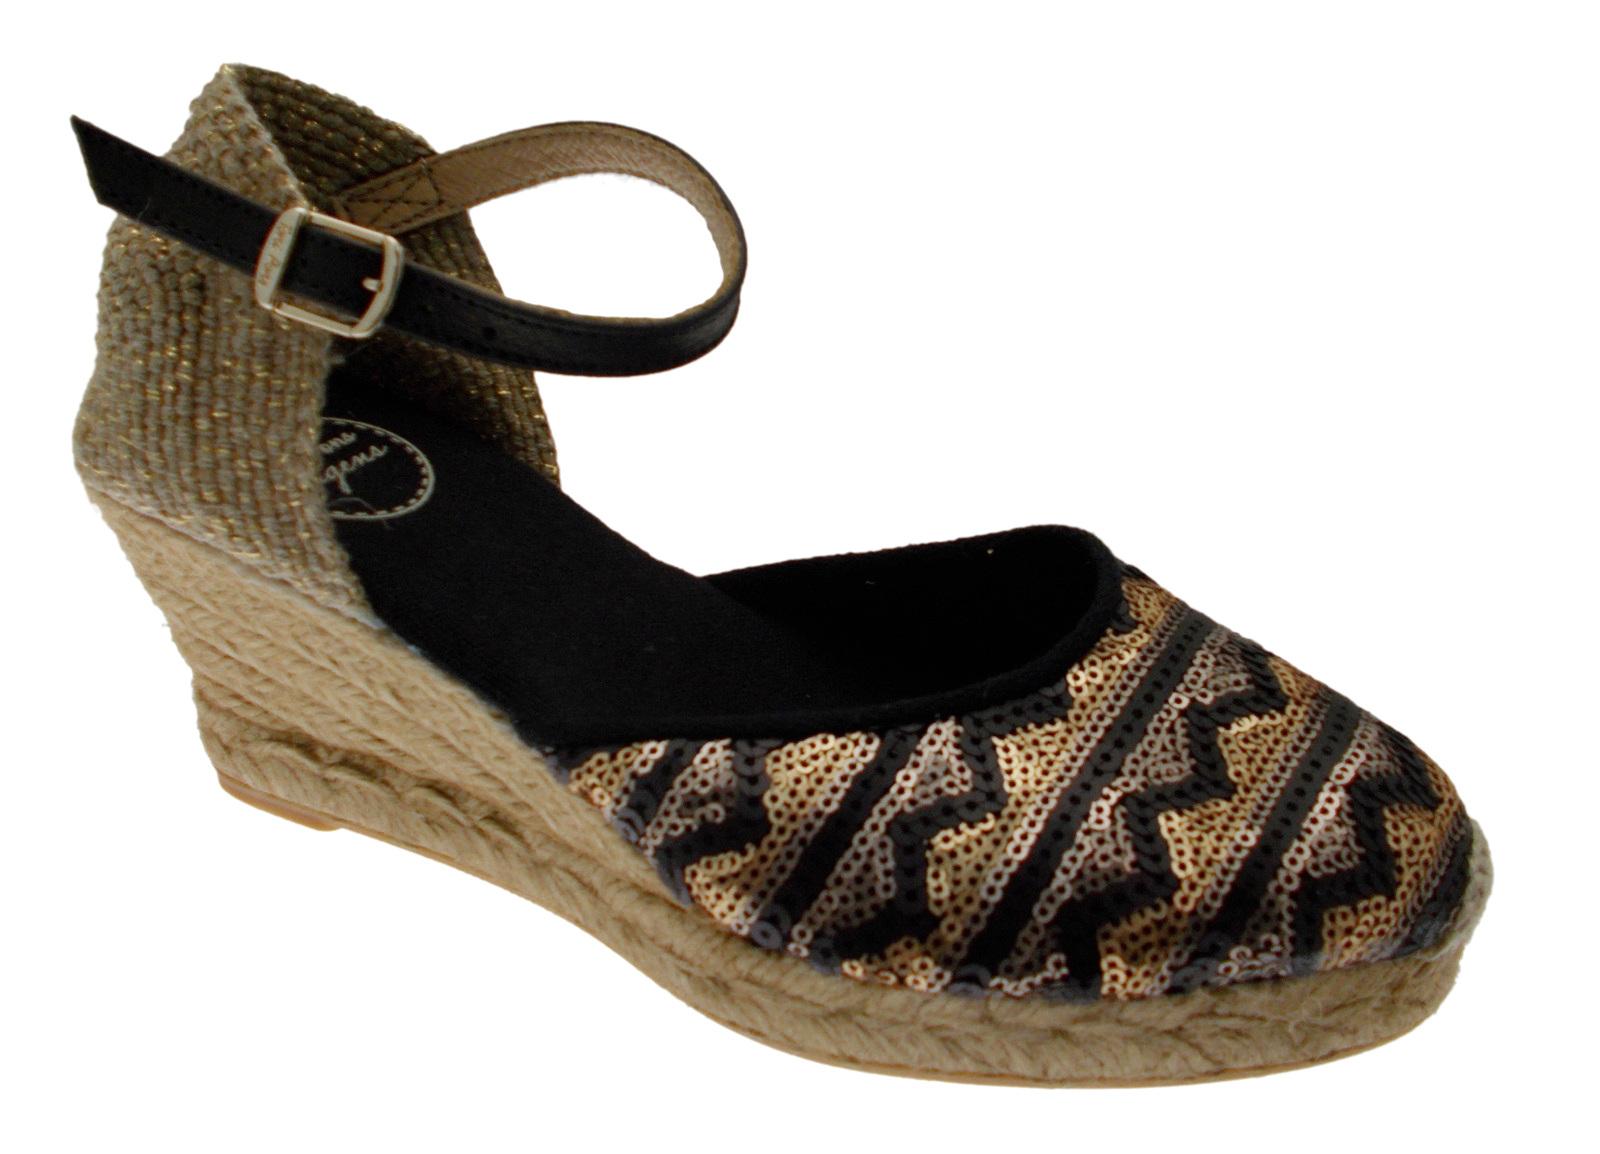 CORFU -5LJ nero scarpa sandalo fantasia corda espadrillas Toni Pons